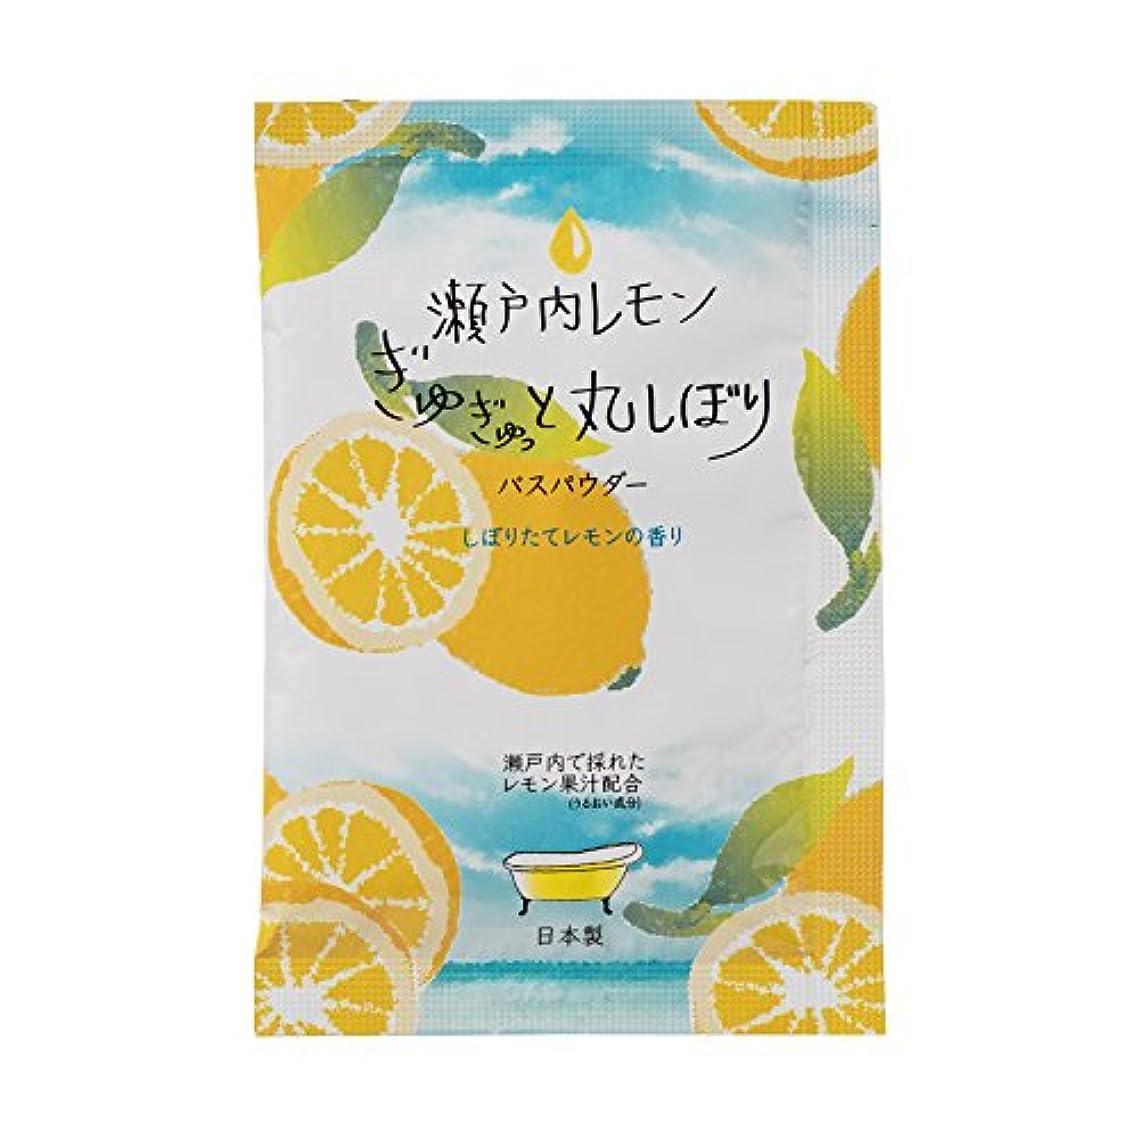 無一文タンカーそれぞれリッチバスパウダー(瀬戸内レモンの香り)× 40個